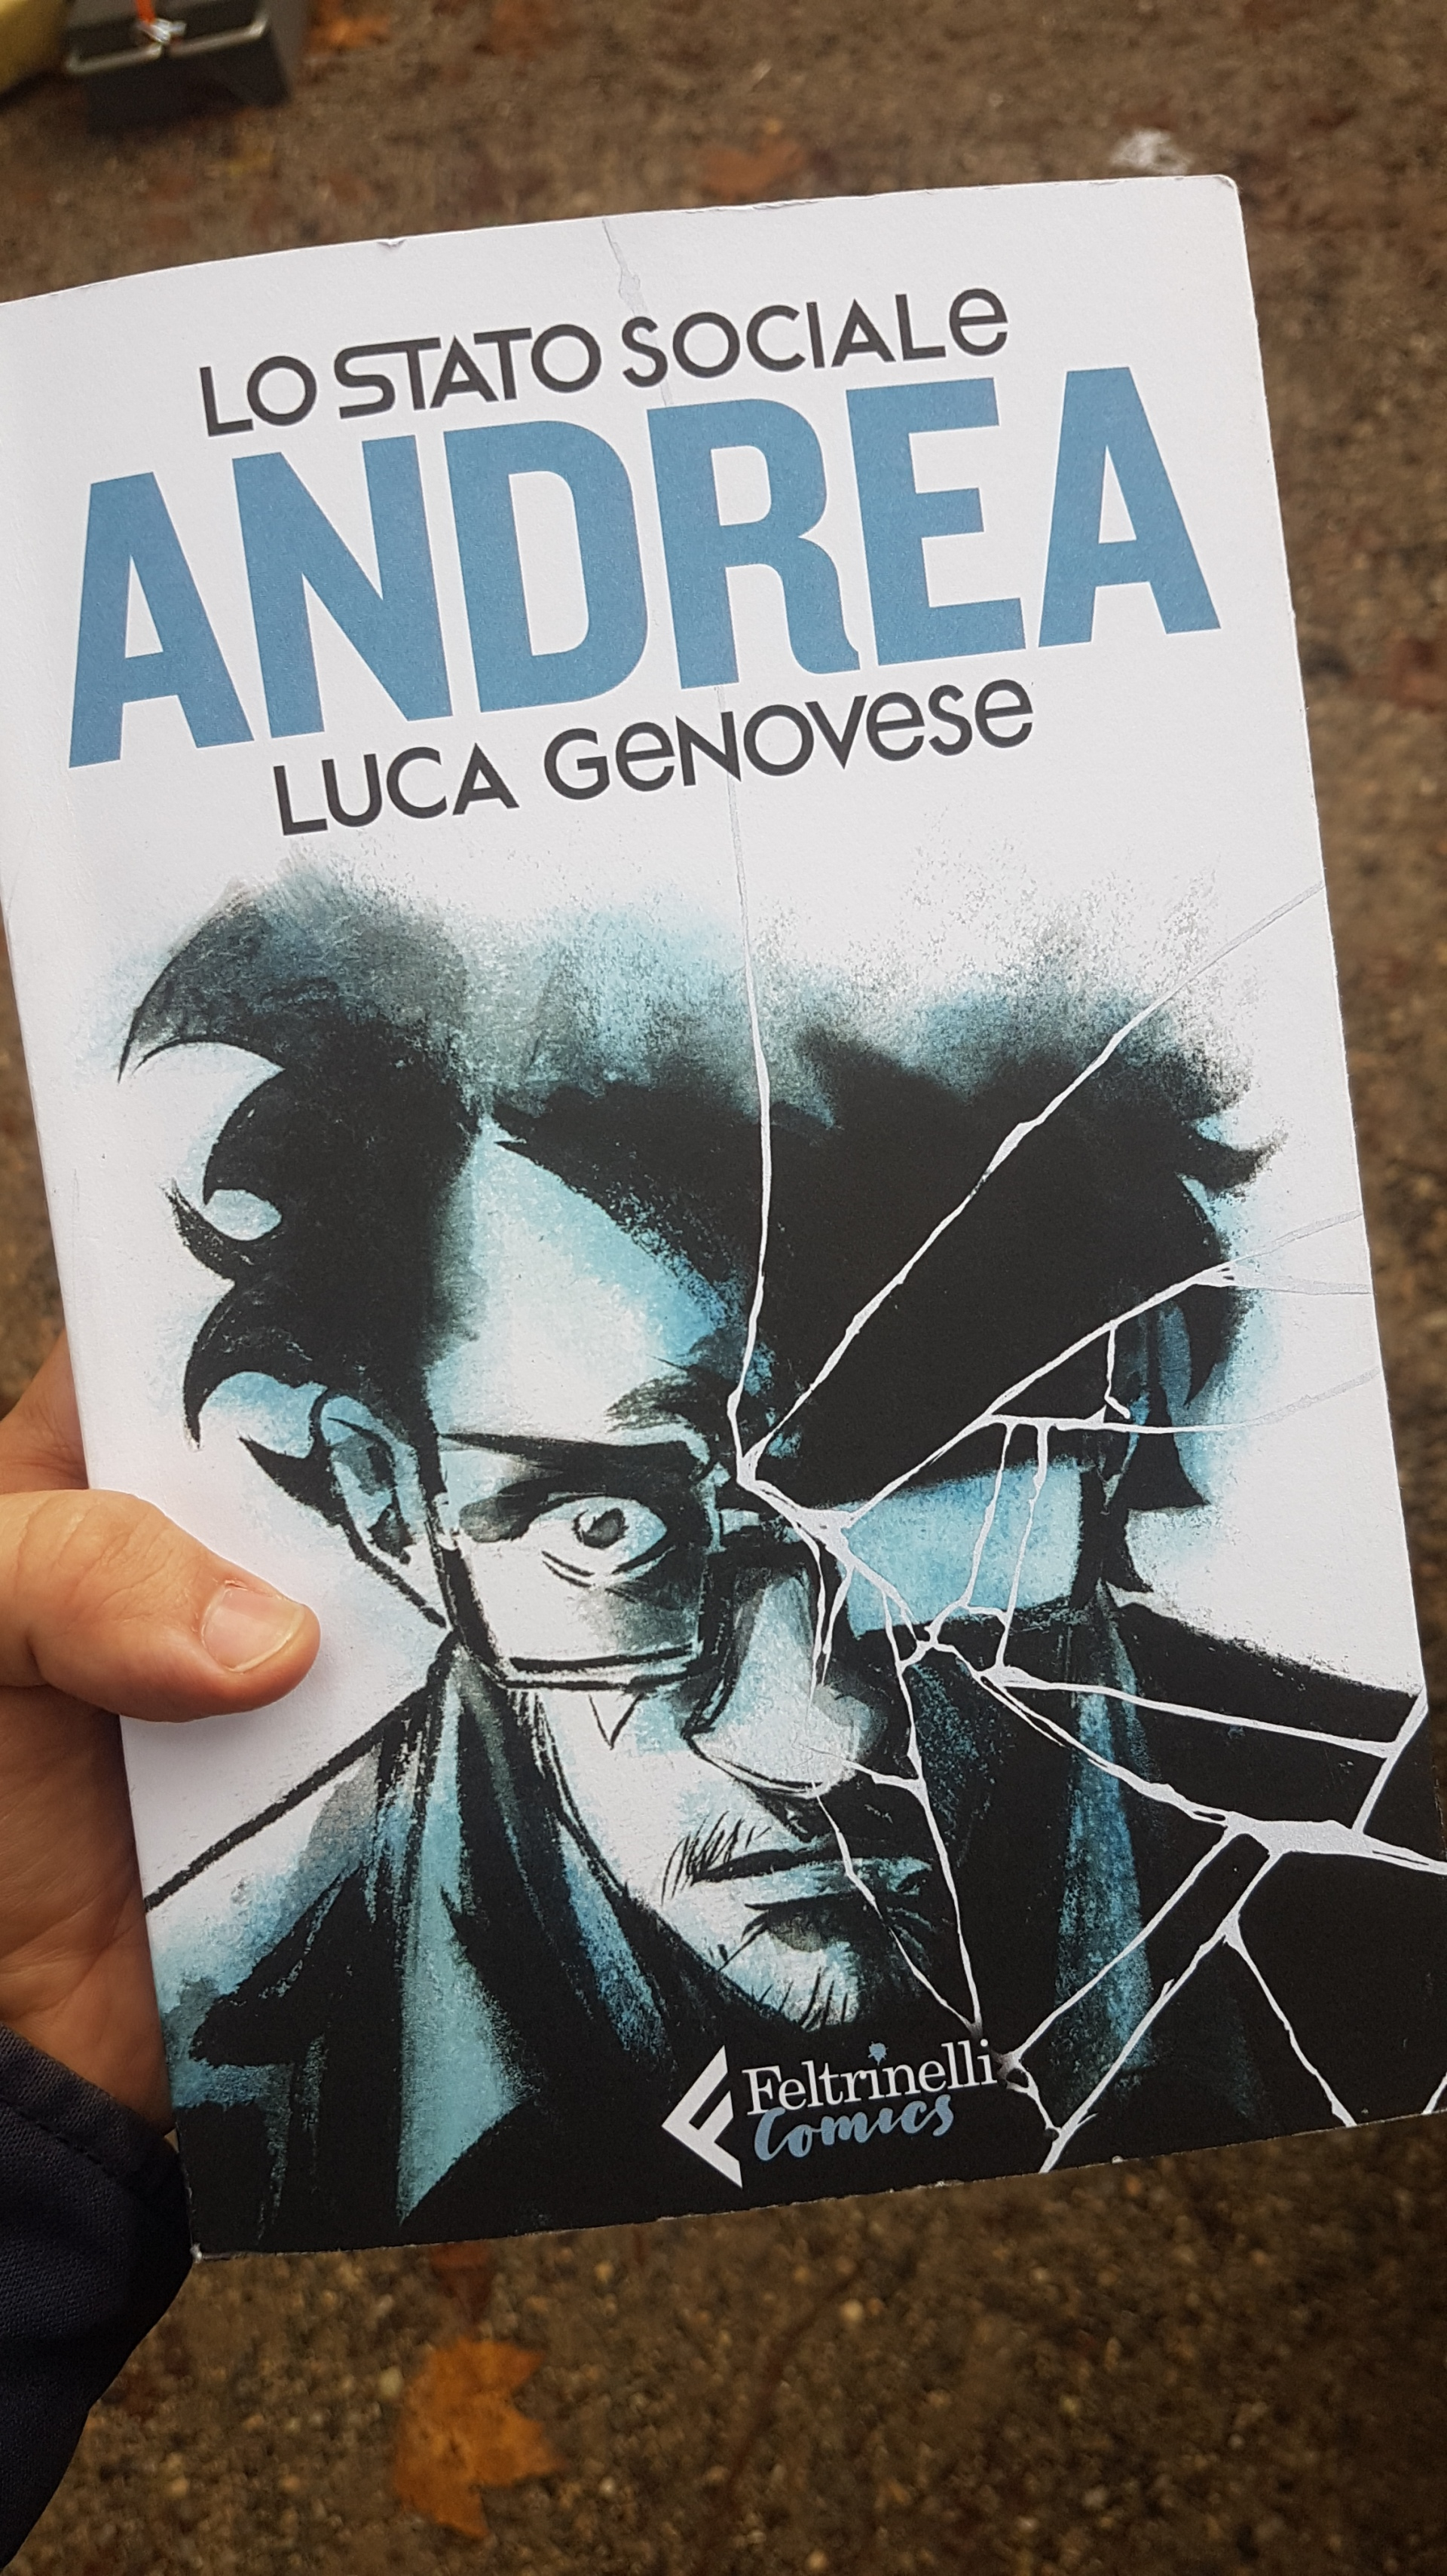 Andrea - Roa Rivista Online d'avanguardia